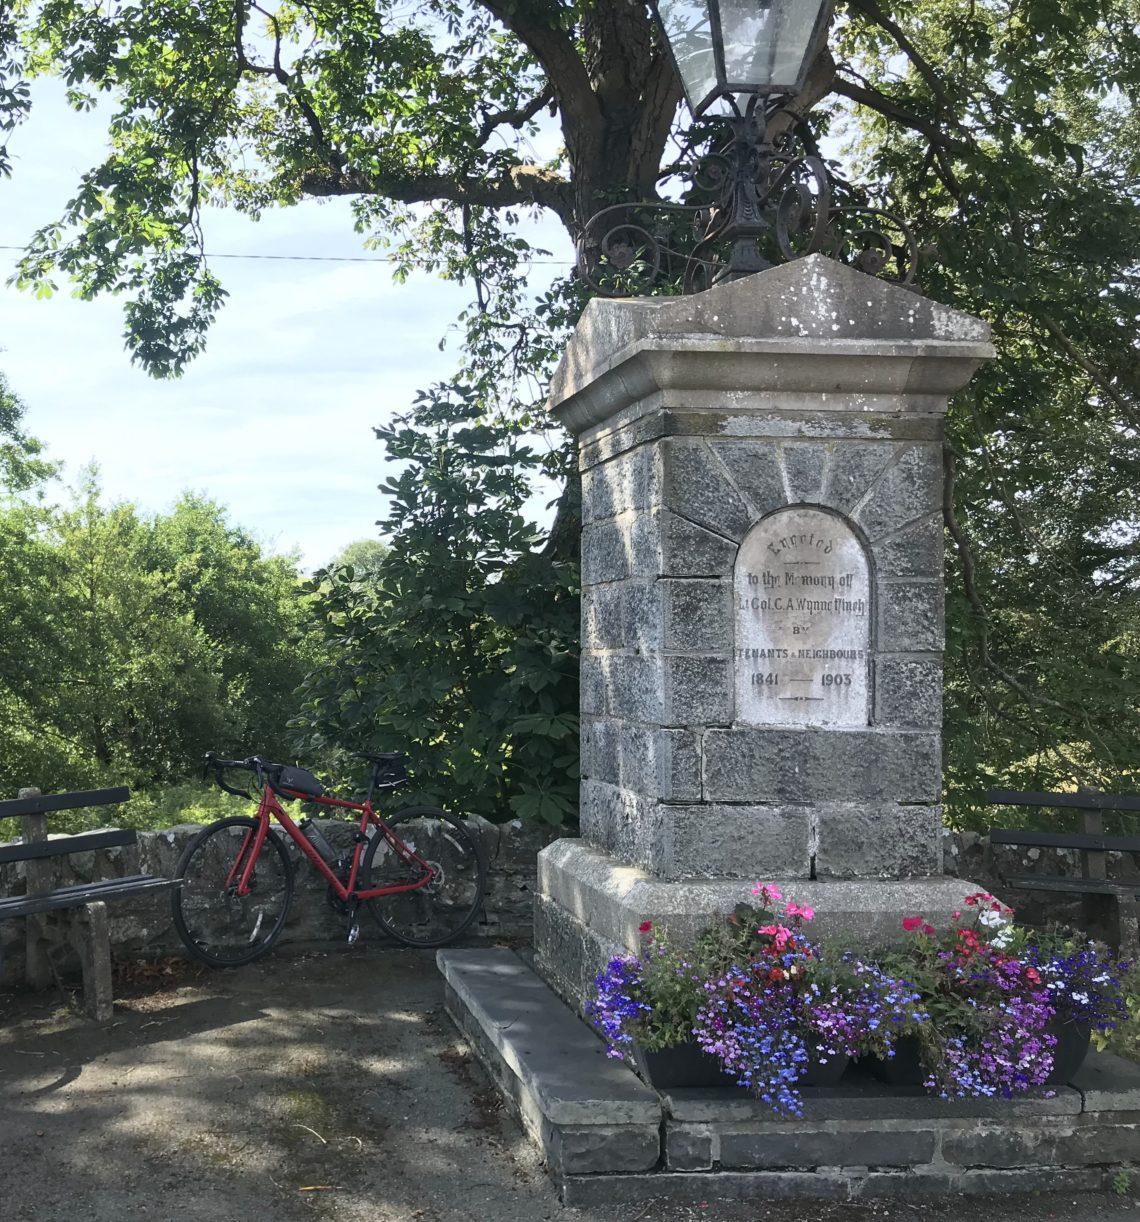 Adventure Road Bike nebst Gedenkstein in Wales